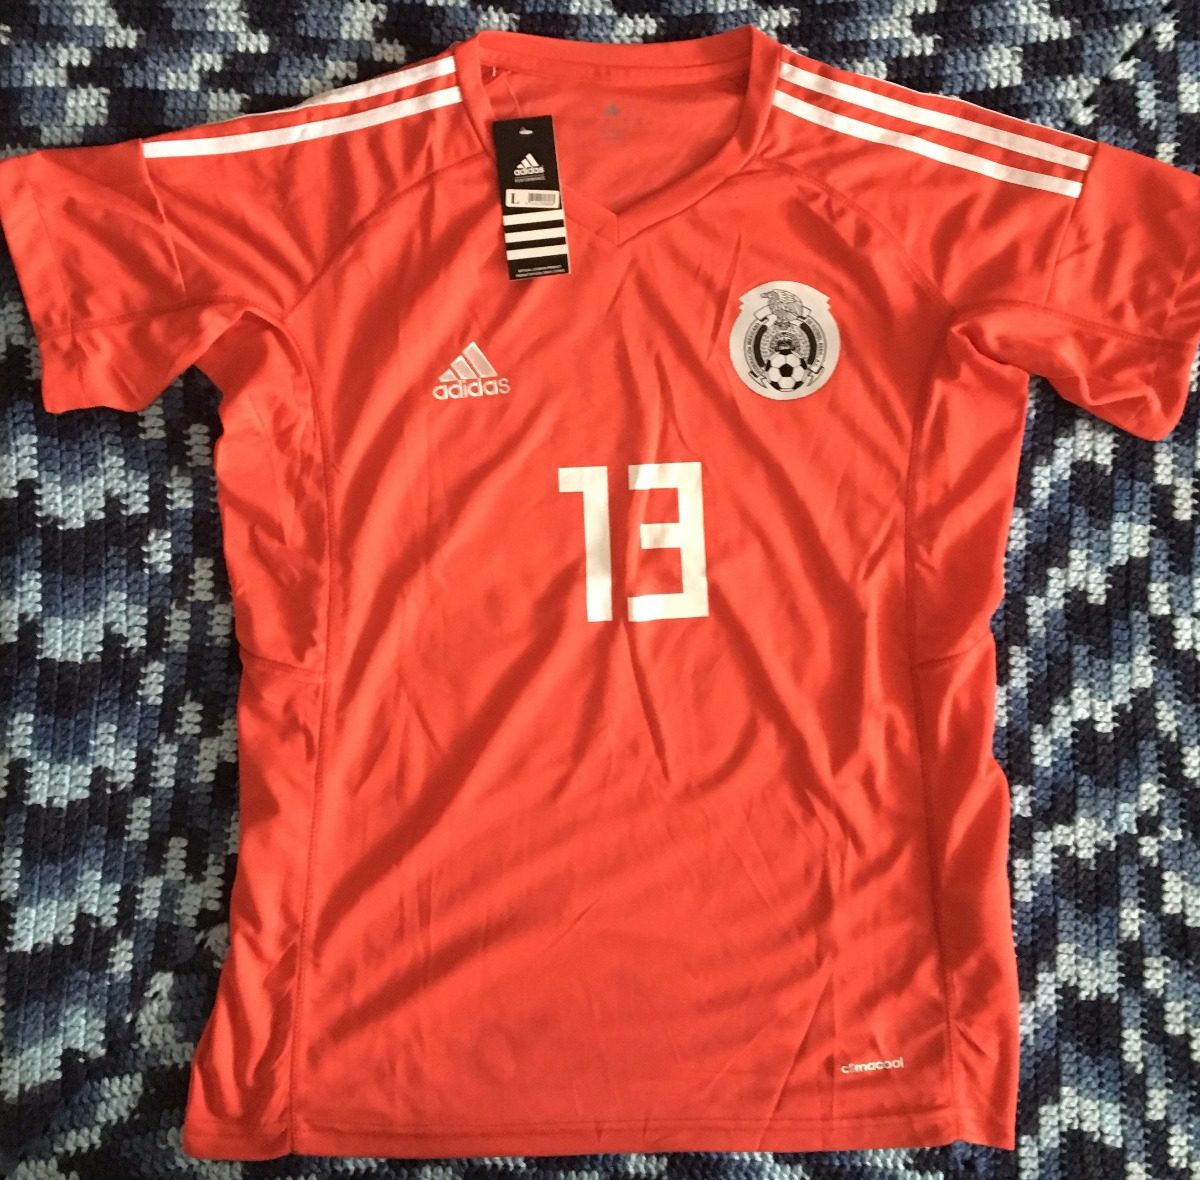 9584e5375c072 asombroso jersey mexico portero rojo guillermo ochoa 13. Cargando zoom.